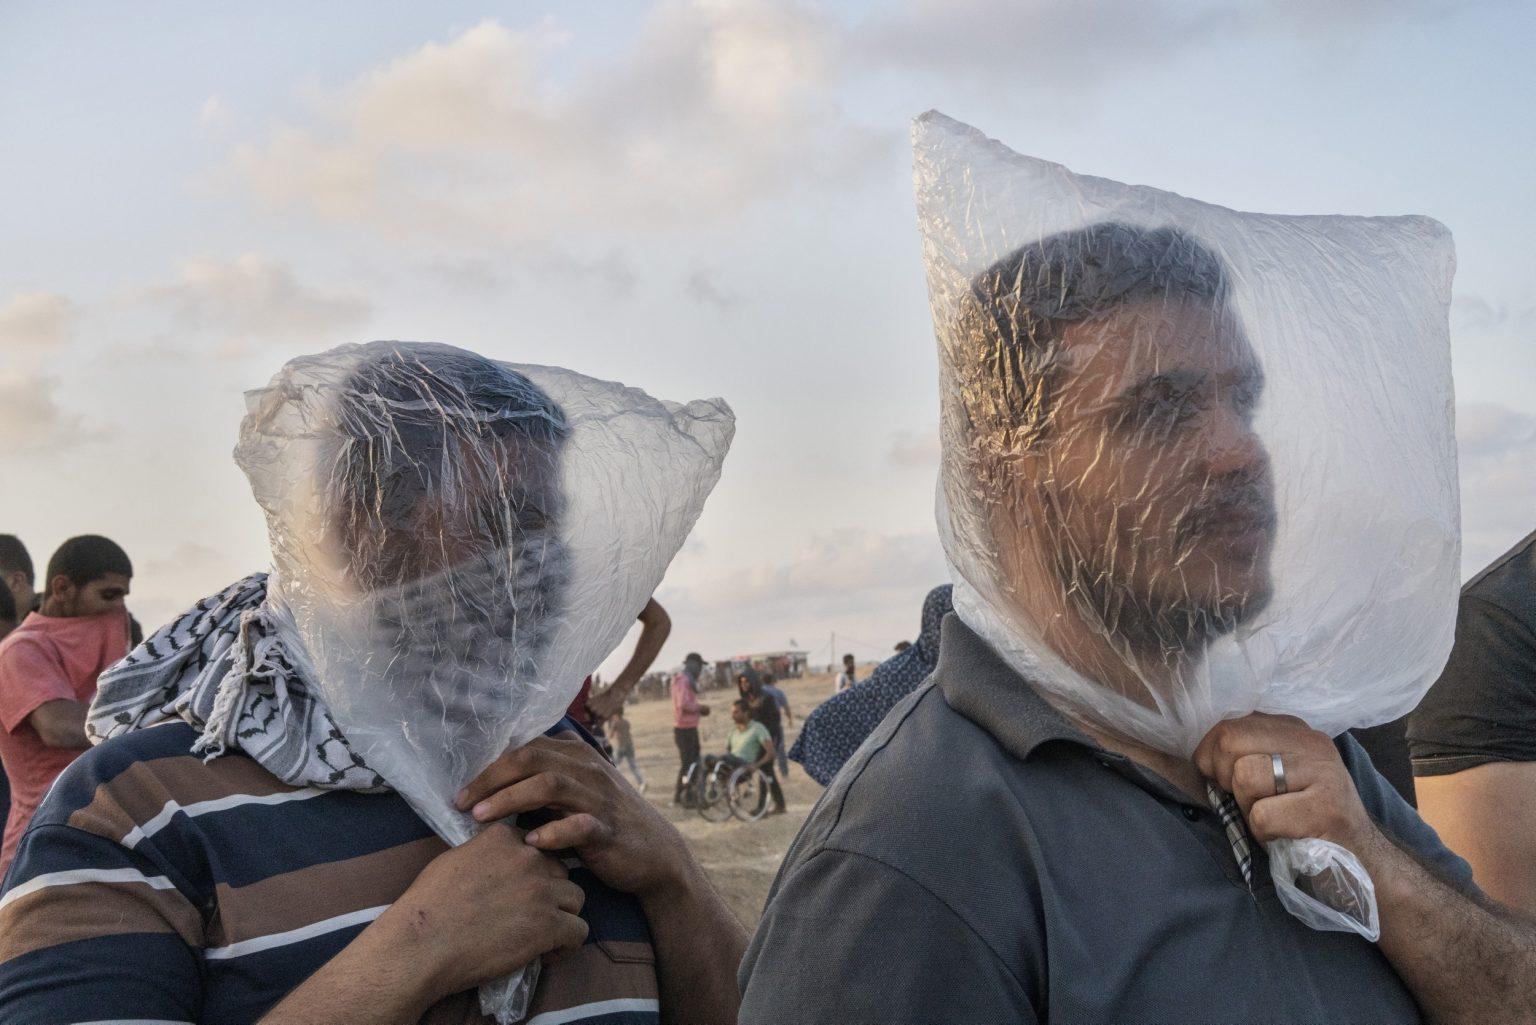 Gaza Strip, May 2018 - Two Palestinian men use a plastic bag to cover their face after Israeli troops fired tear gas along the Gaza-Israel border. >< Striscia di Gaza, maggio 2018 - Due uomini palestinesi usano delle buste di plastica per ripararsi dai gas lacrimogeni lanciati dai soldati israeliani.